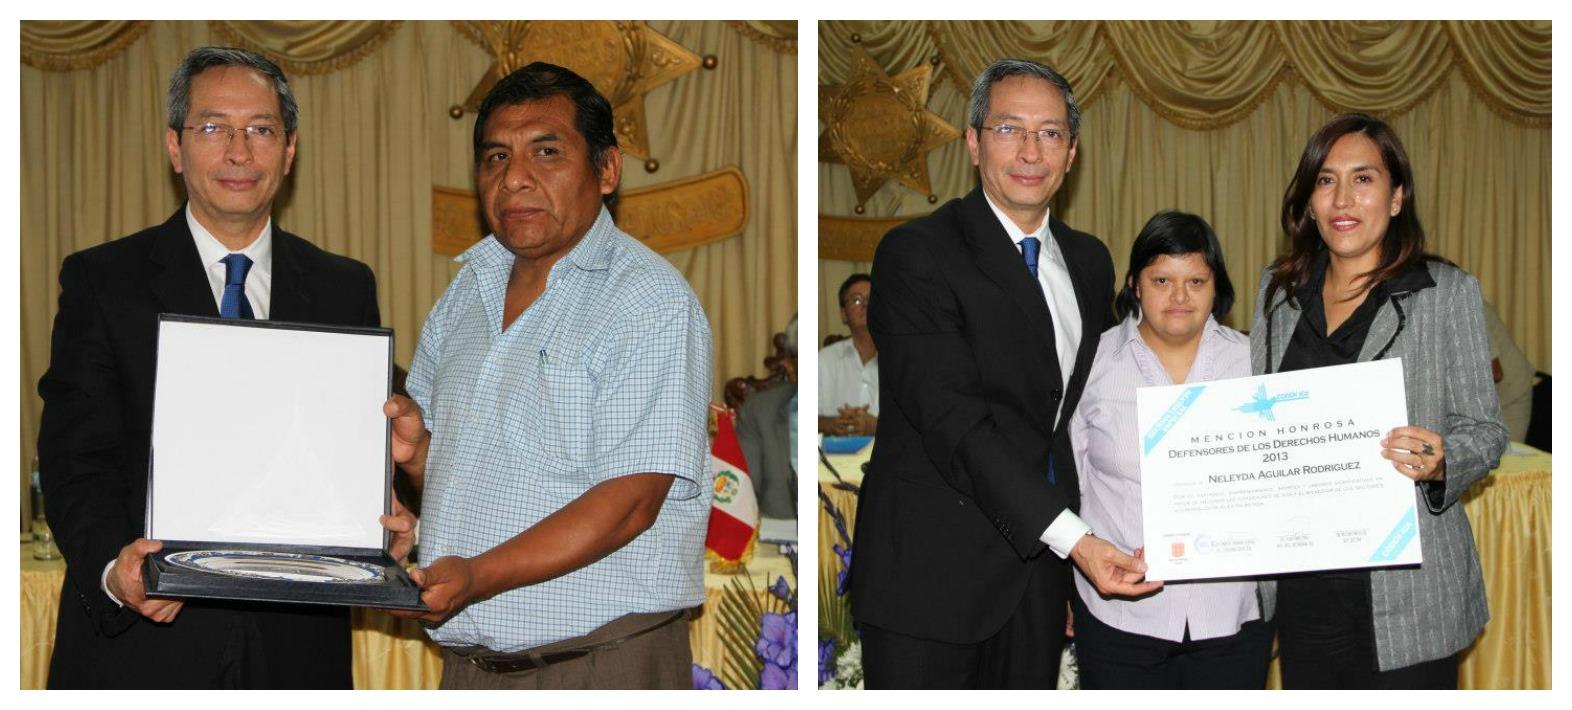 Conoce quienes fueron elegidos como «Defensores de los Derechos Humanos» de la región Ica